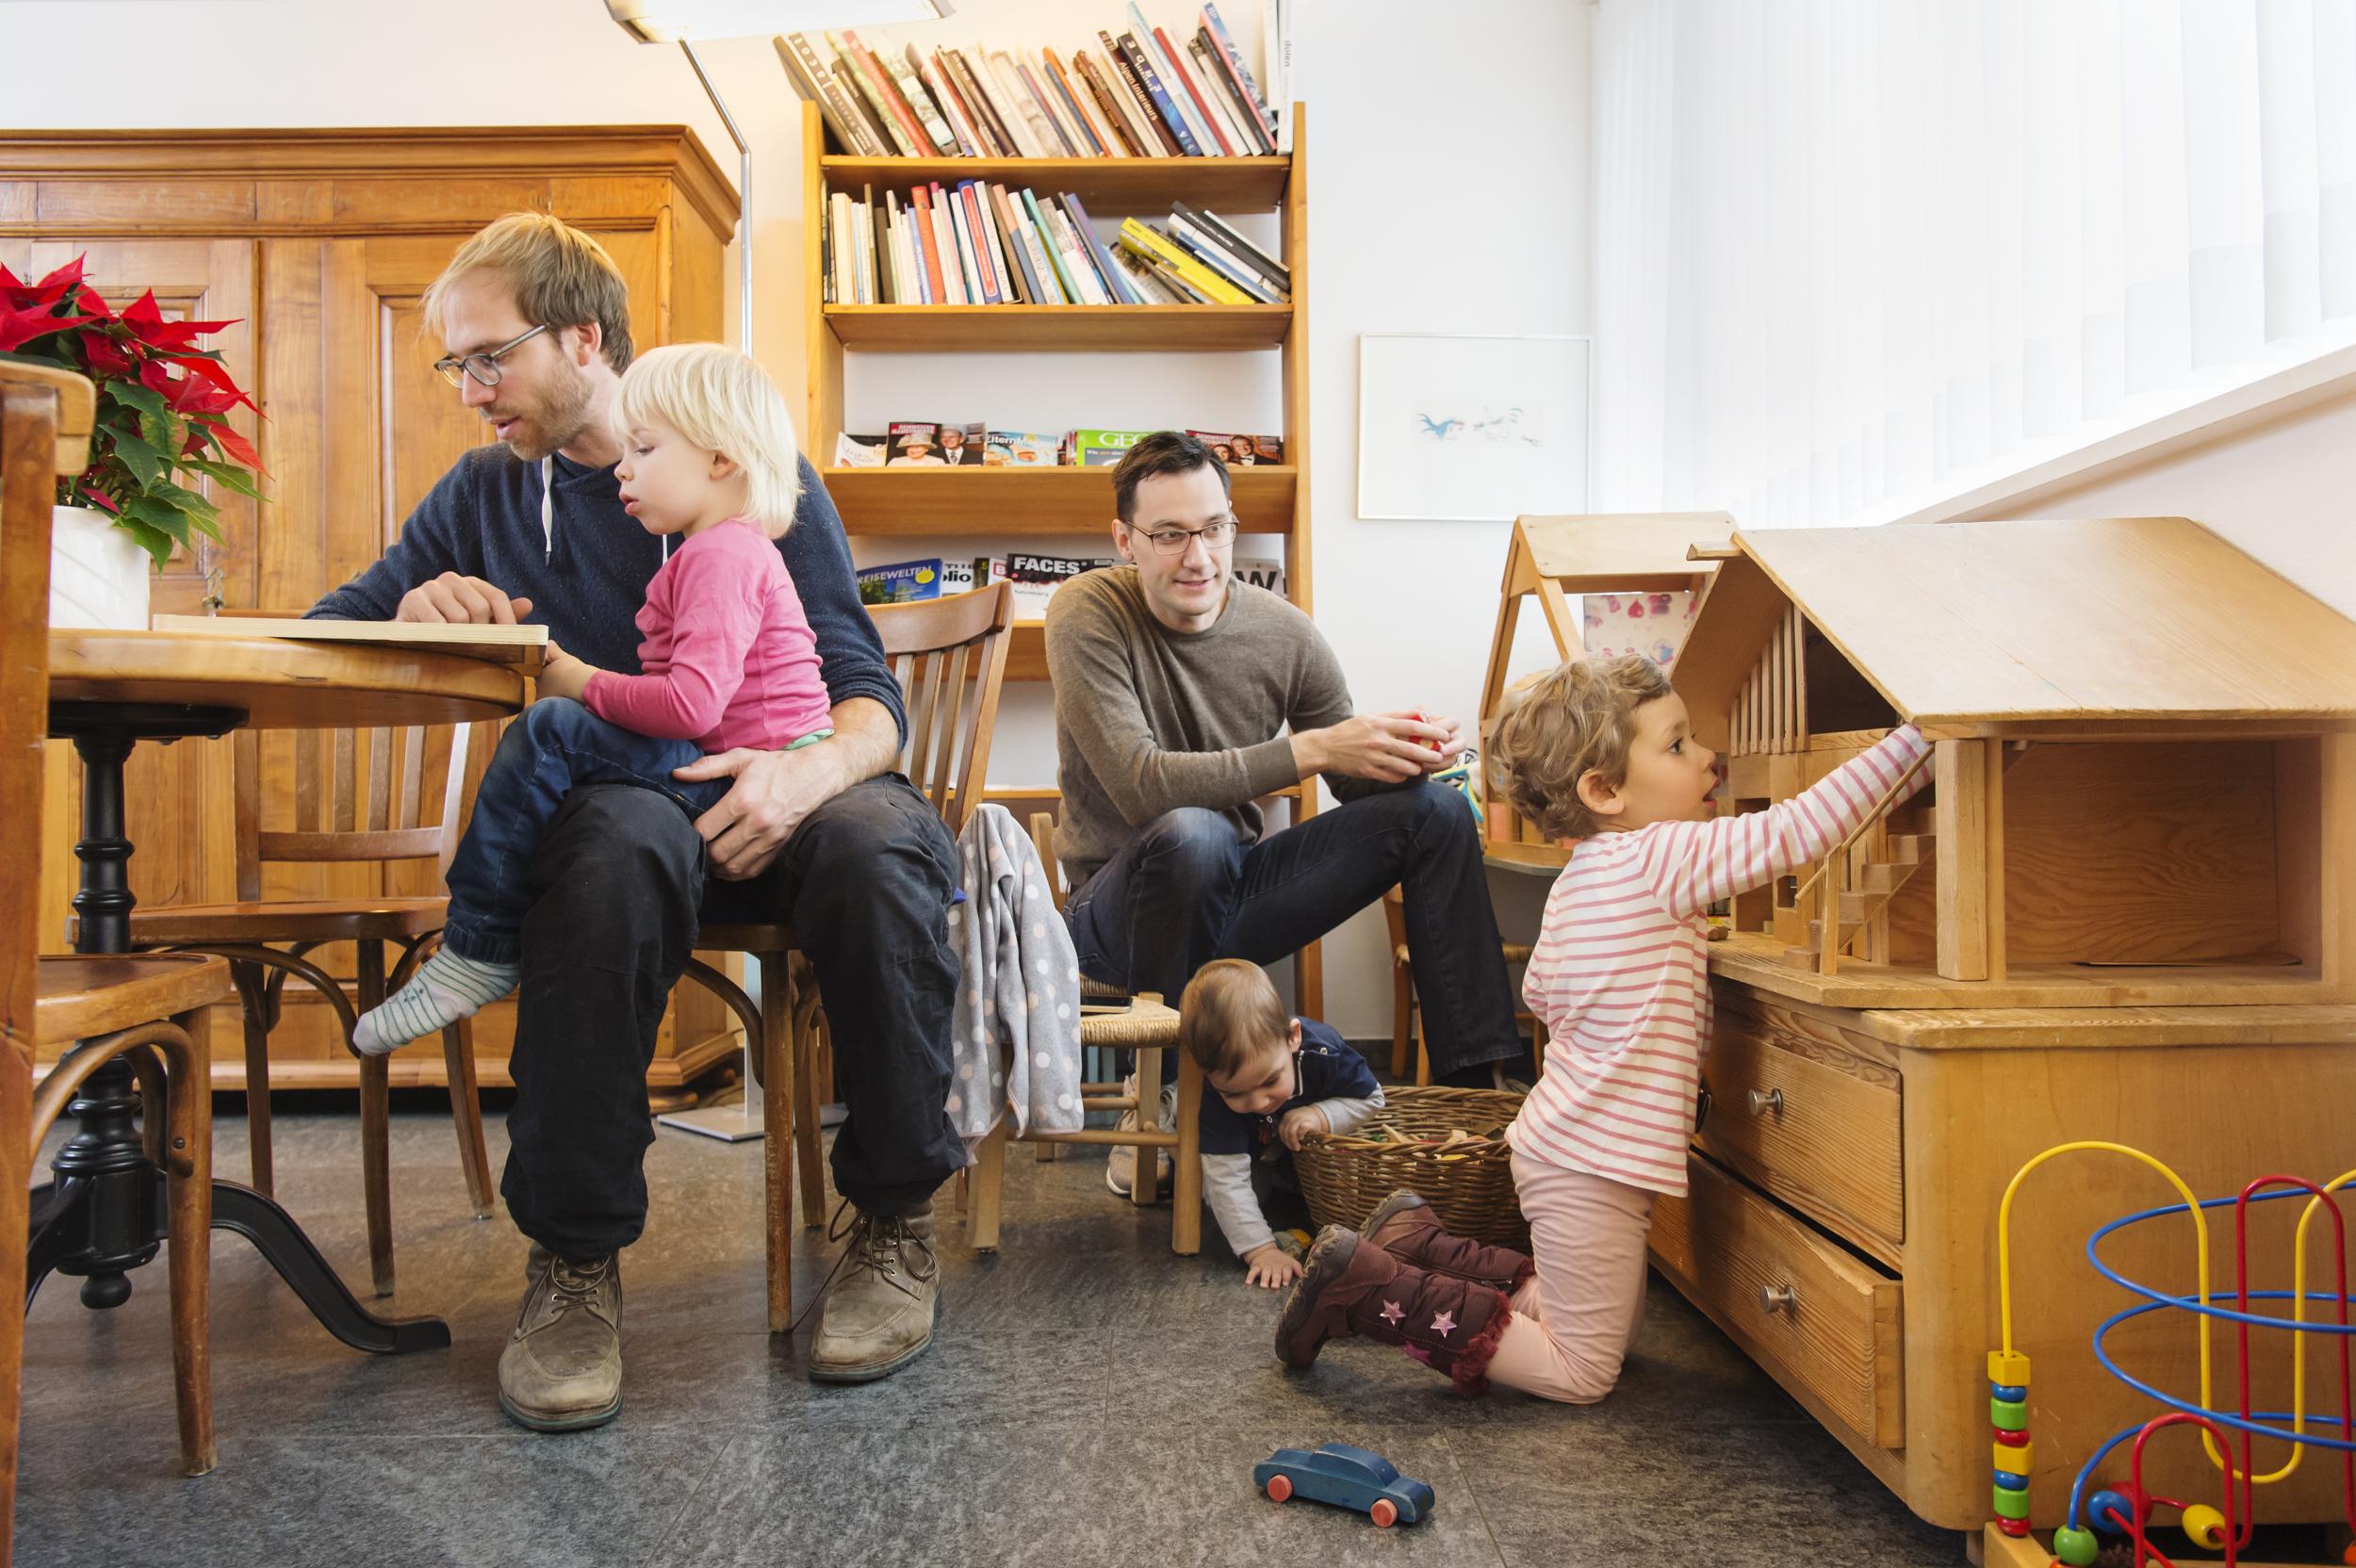 Wartezimmer Situation mit Vätern die mit ihren Kindern warten und spielen.